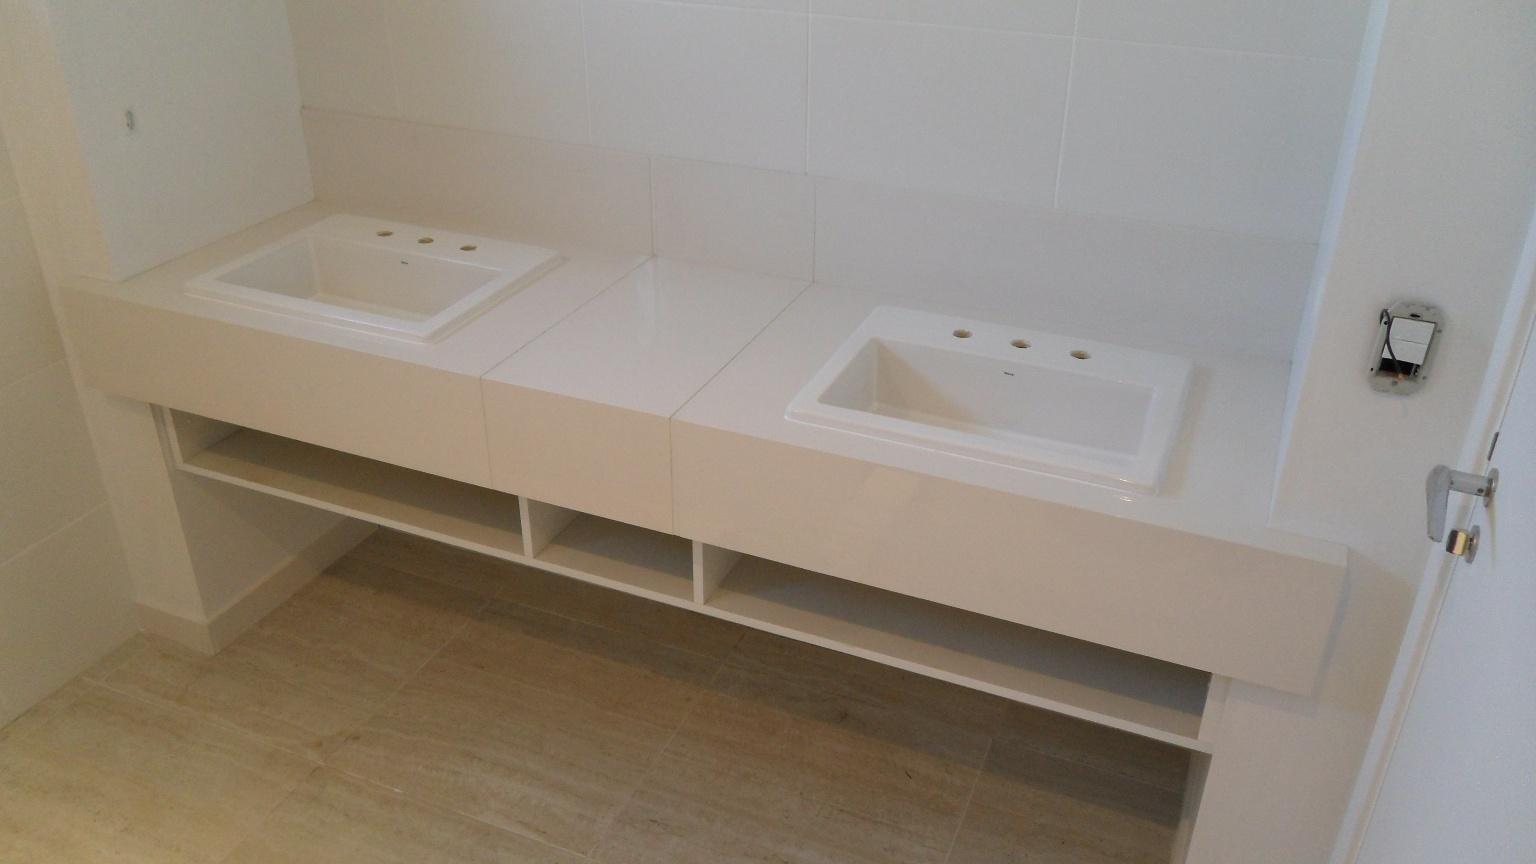 cortes especiais em porcelanato.: Bancada cuba dupla em porcelanato #604E37 1536x864 Banheiro Com Bancada De Porcelanato